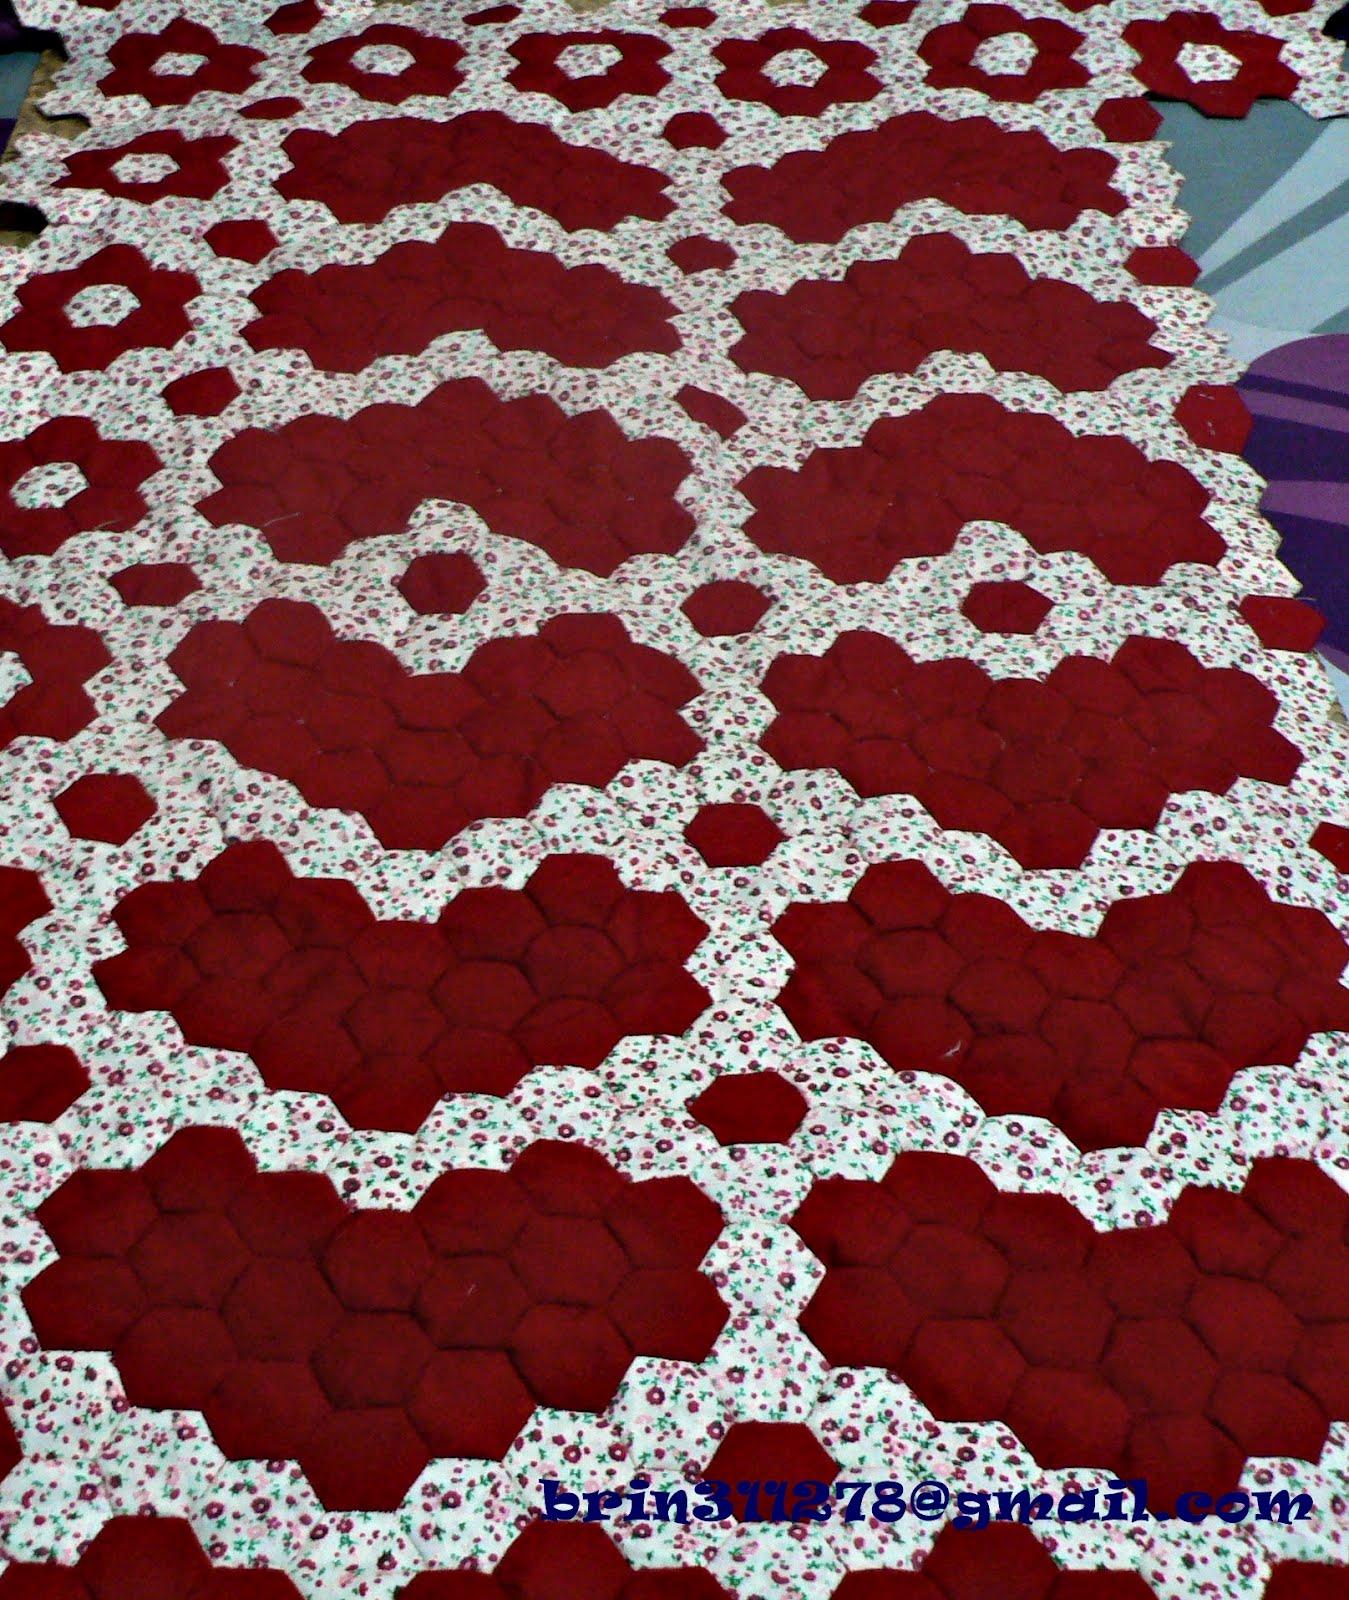 selimut tampung seribu yang ketiga yang dihasilkan menggunakan jahitan